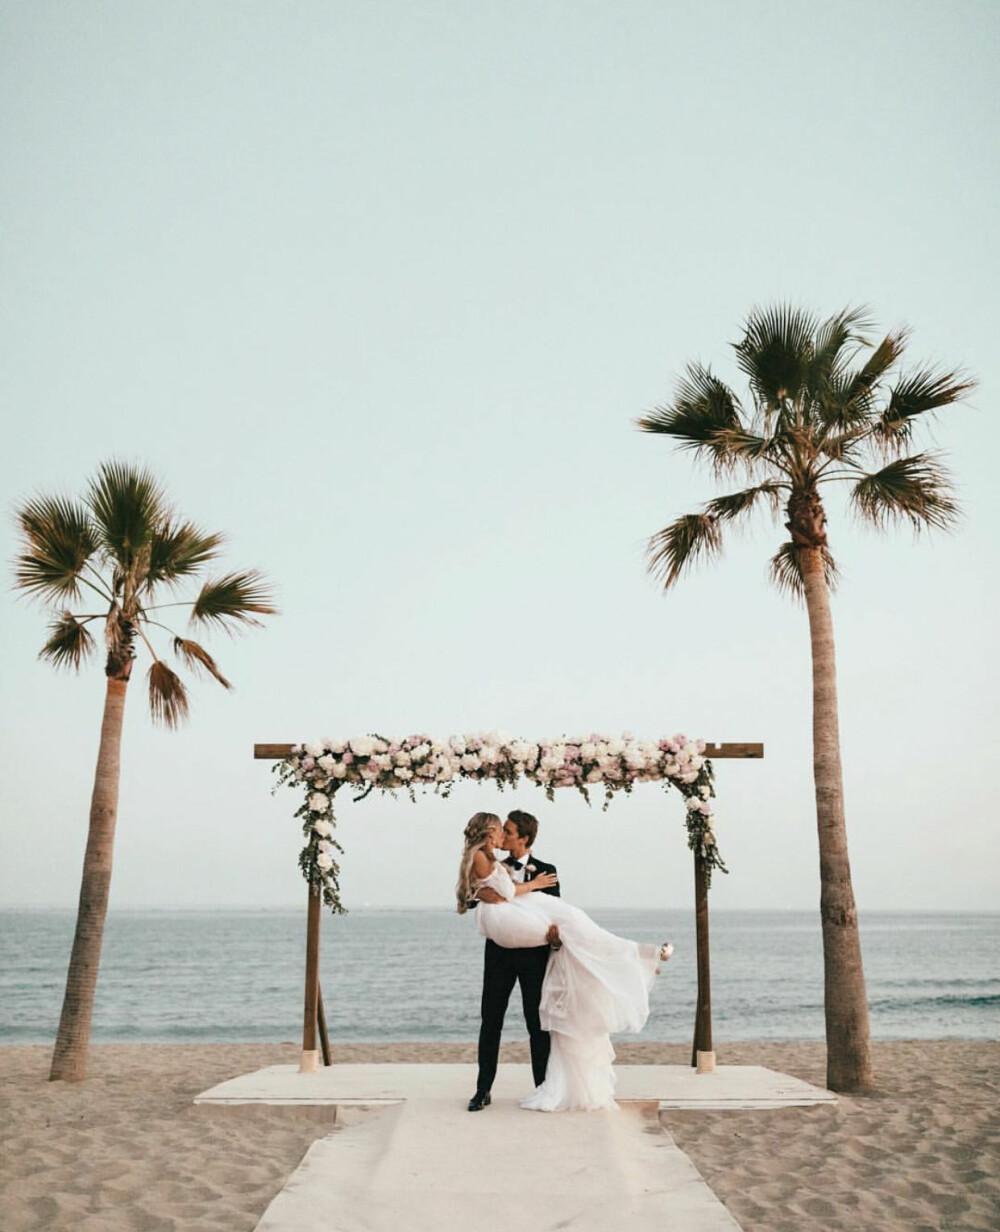 Janni og mannen sa ja til hverandre på en kritthvit strand i Marbella.